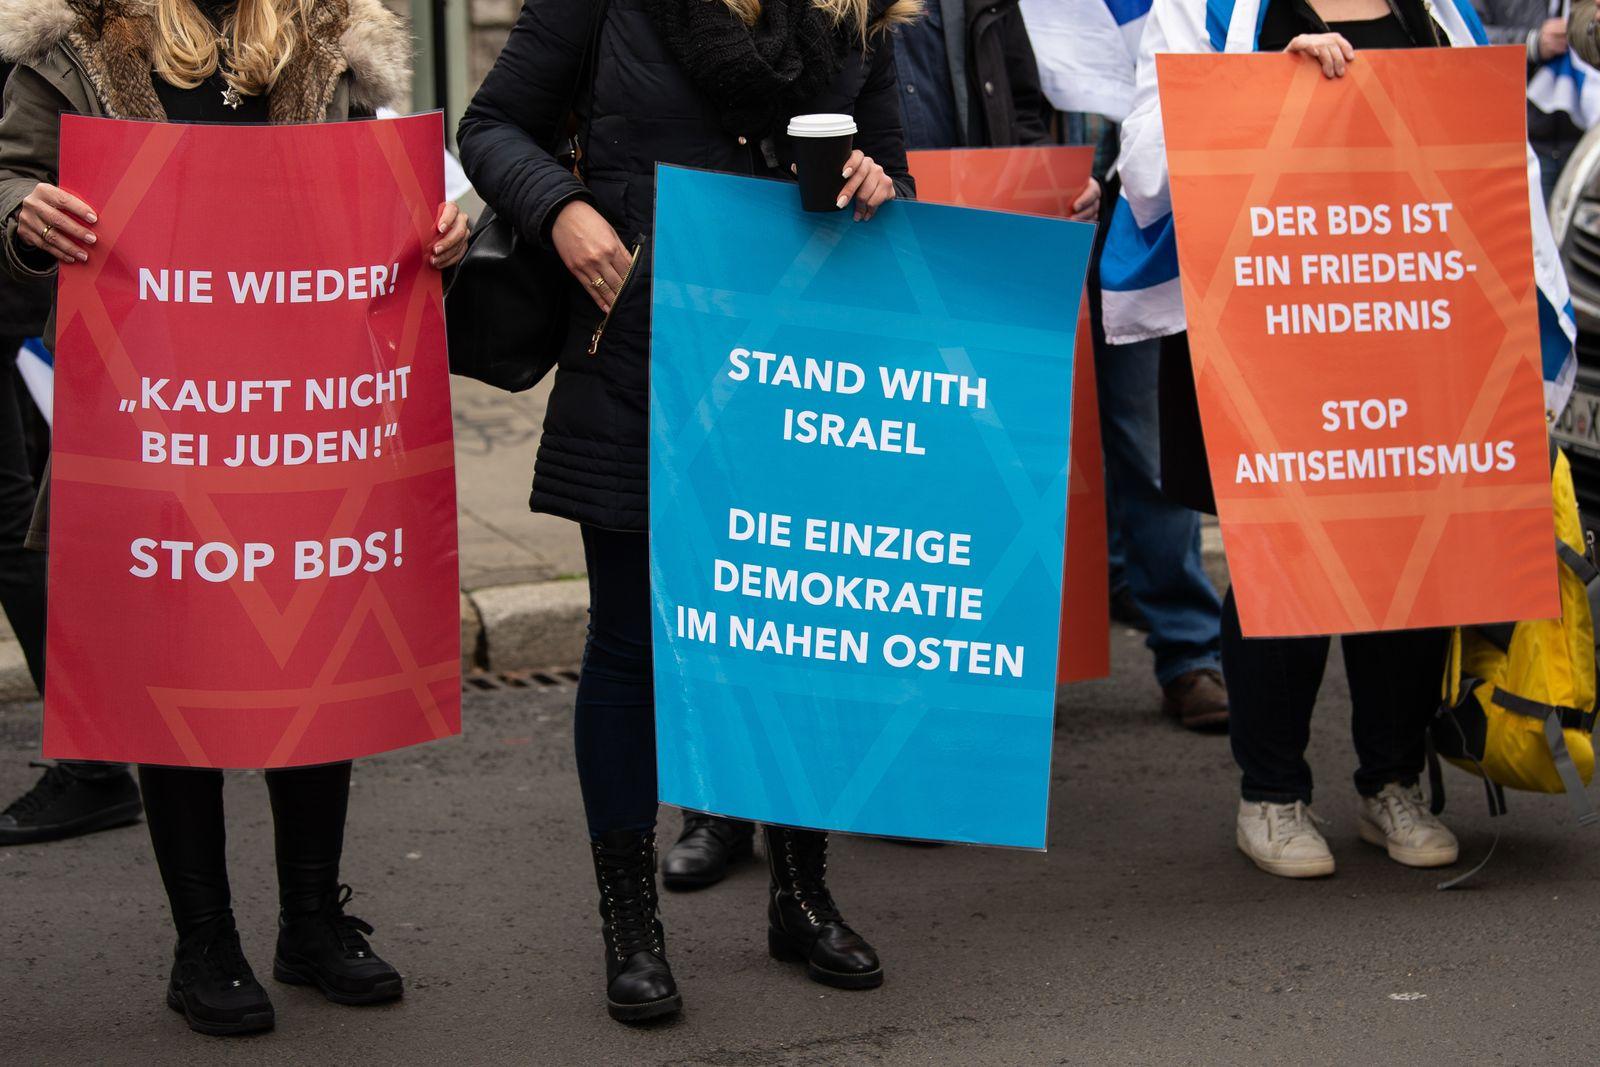 Bündnis gegen Antisemitismus und Antizionismus Jachad/ BDS/ Kein Frieden mit den Feinden Israels